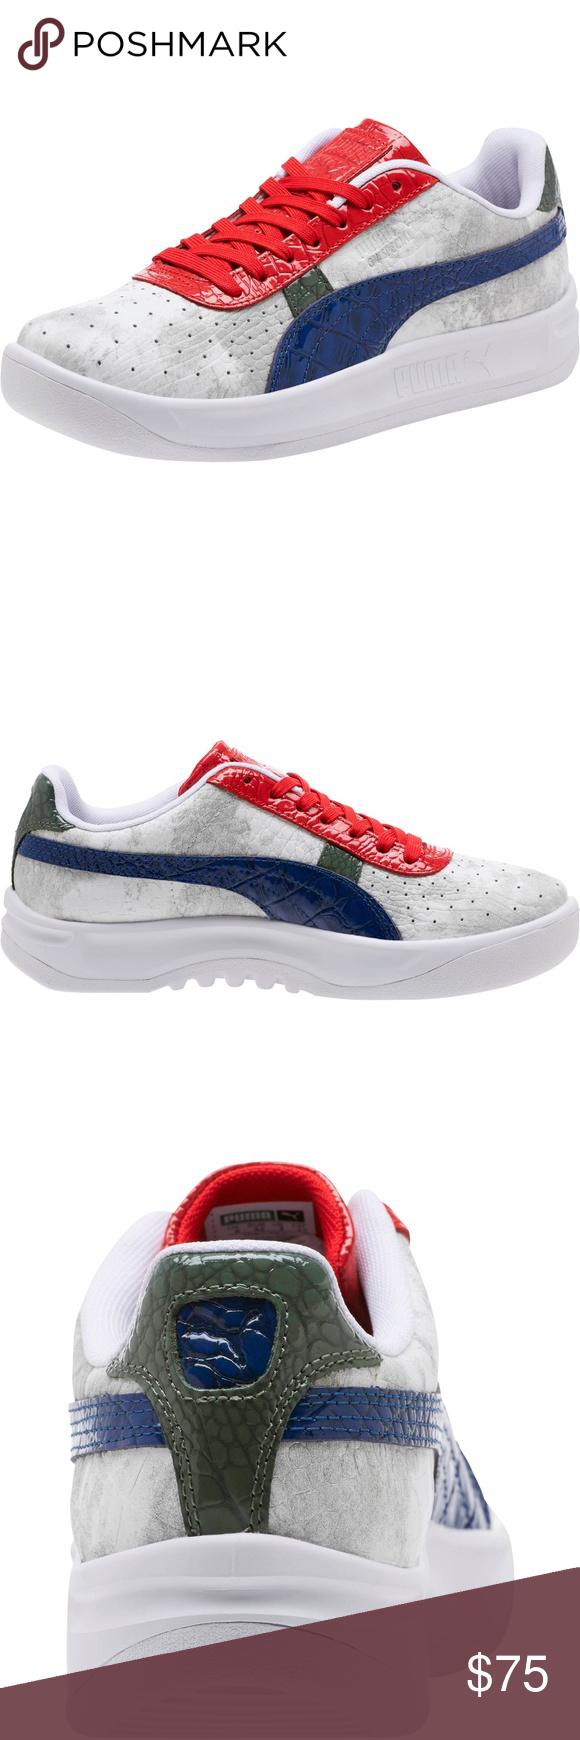 sale retailer 64798 b22ba Puma GV Special Gator White Shoes NEW Puma GV Special Gator ...